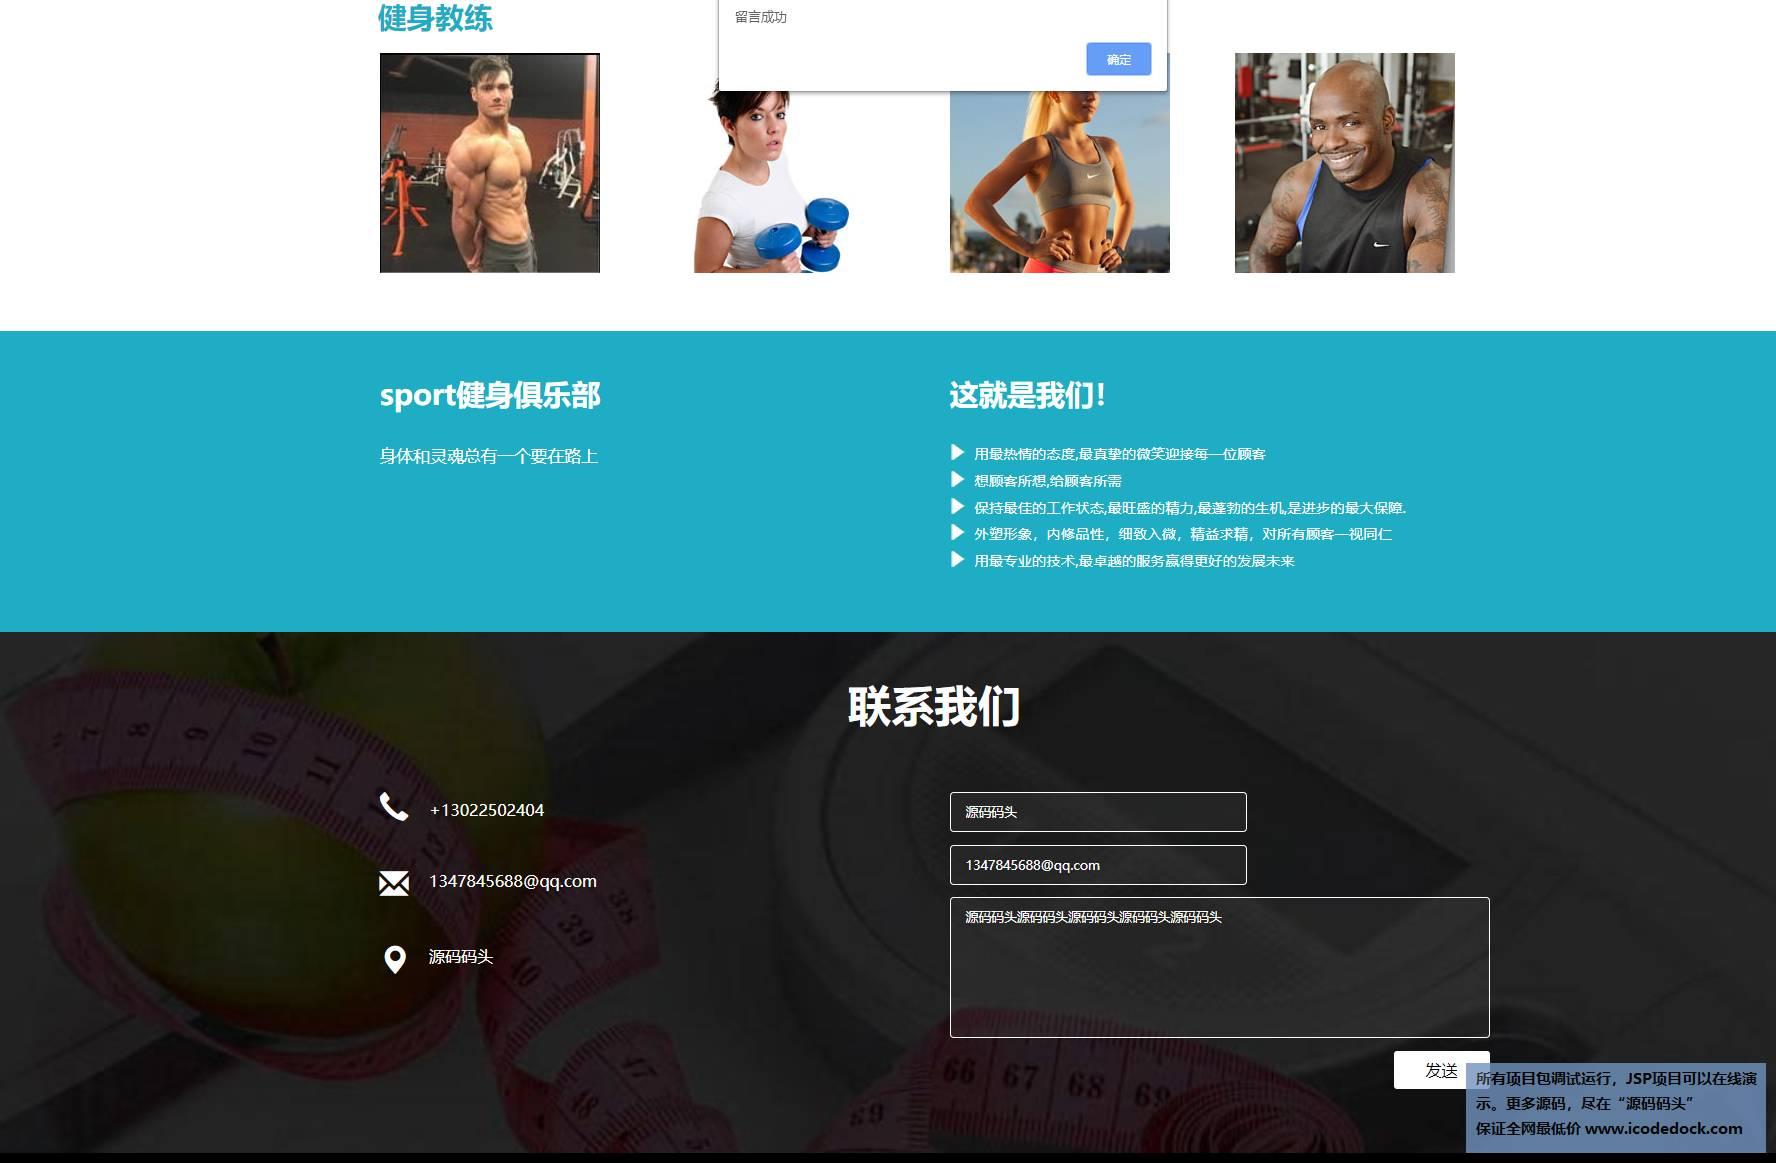 源码码头-SSM健身房俱乐部管理系统-用户角色-登录后留言